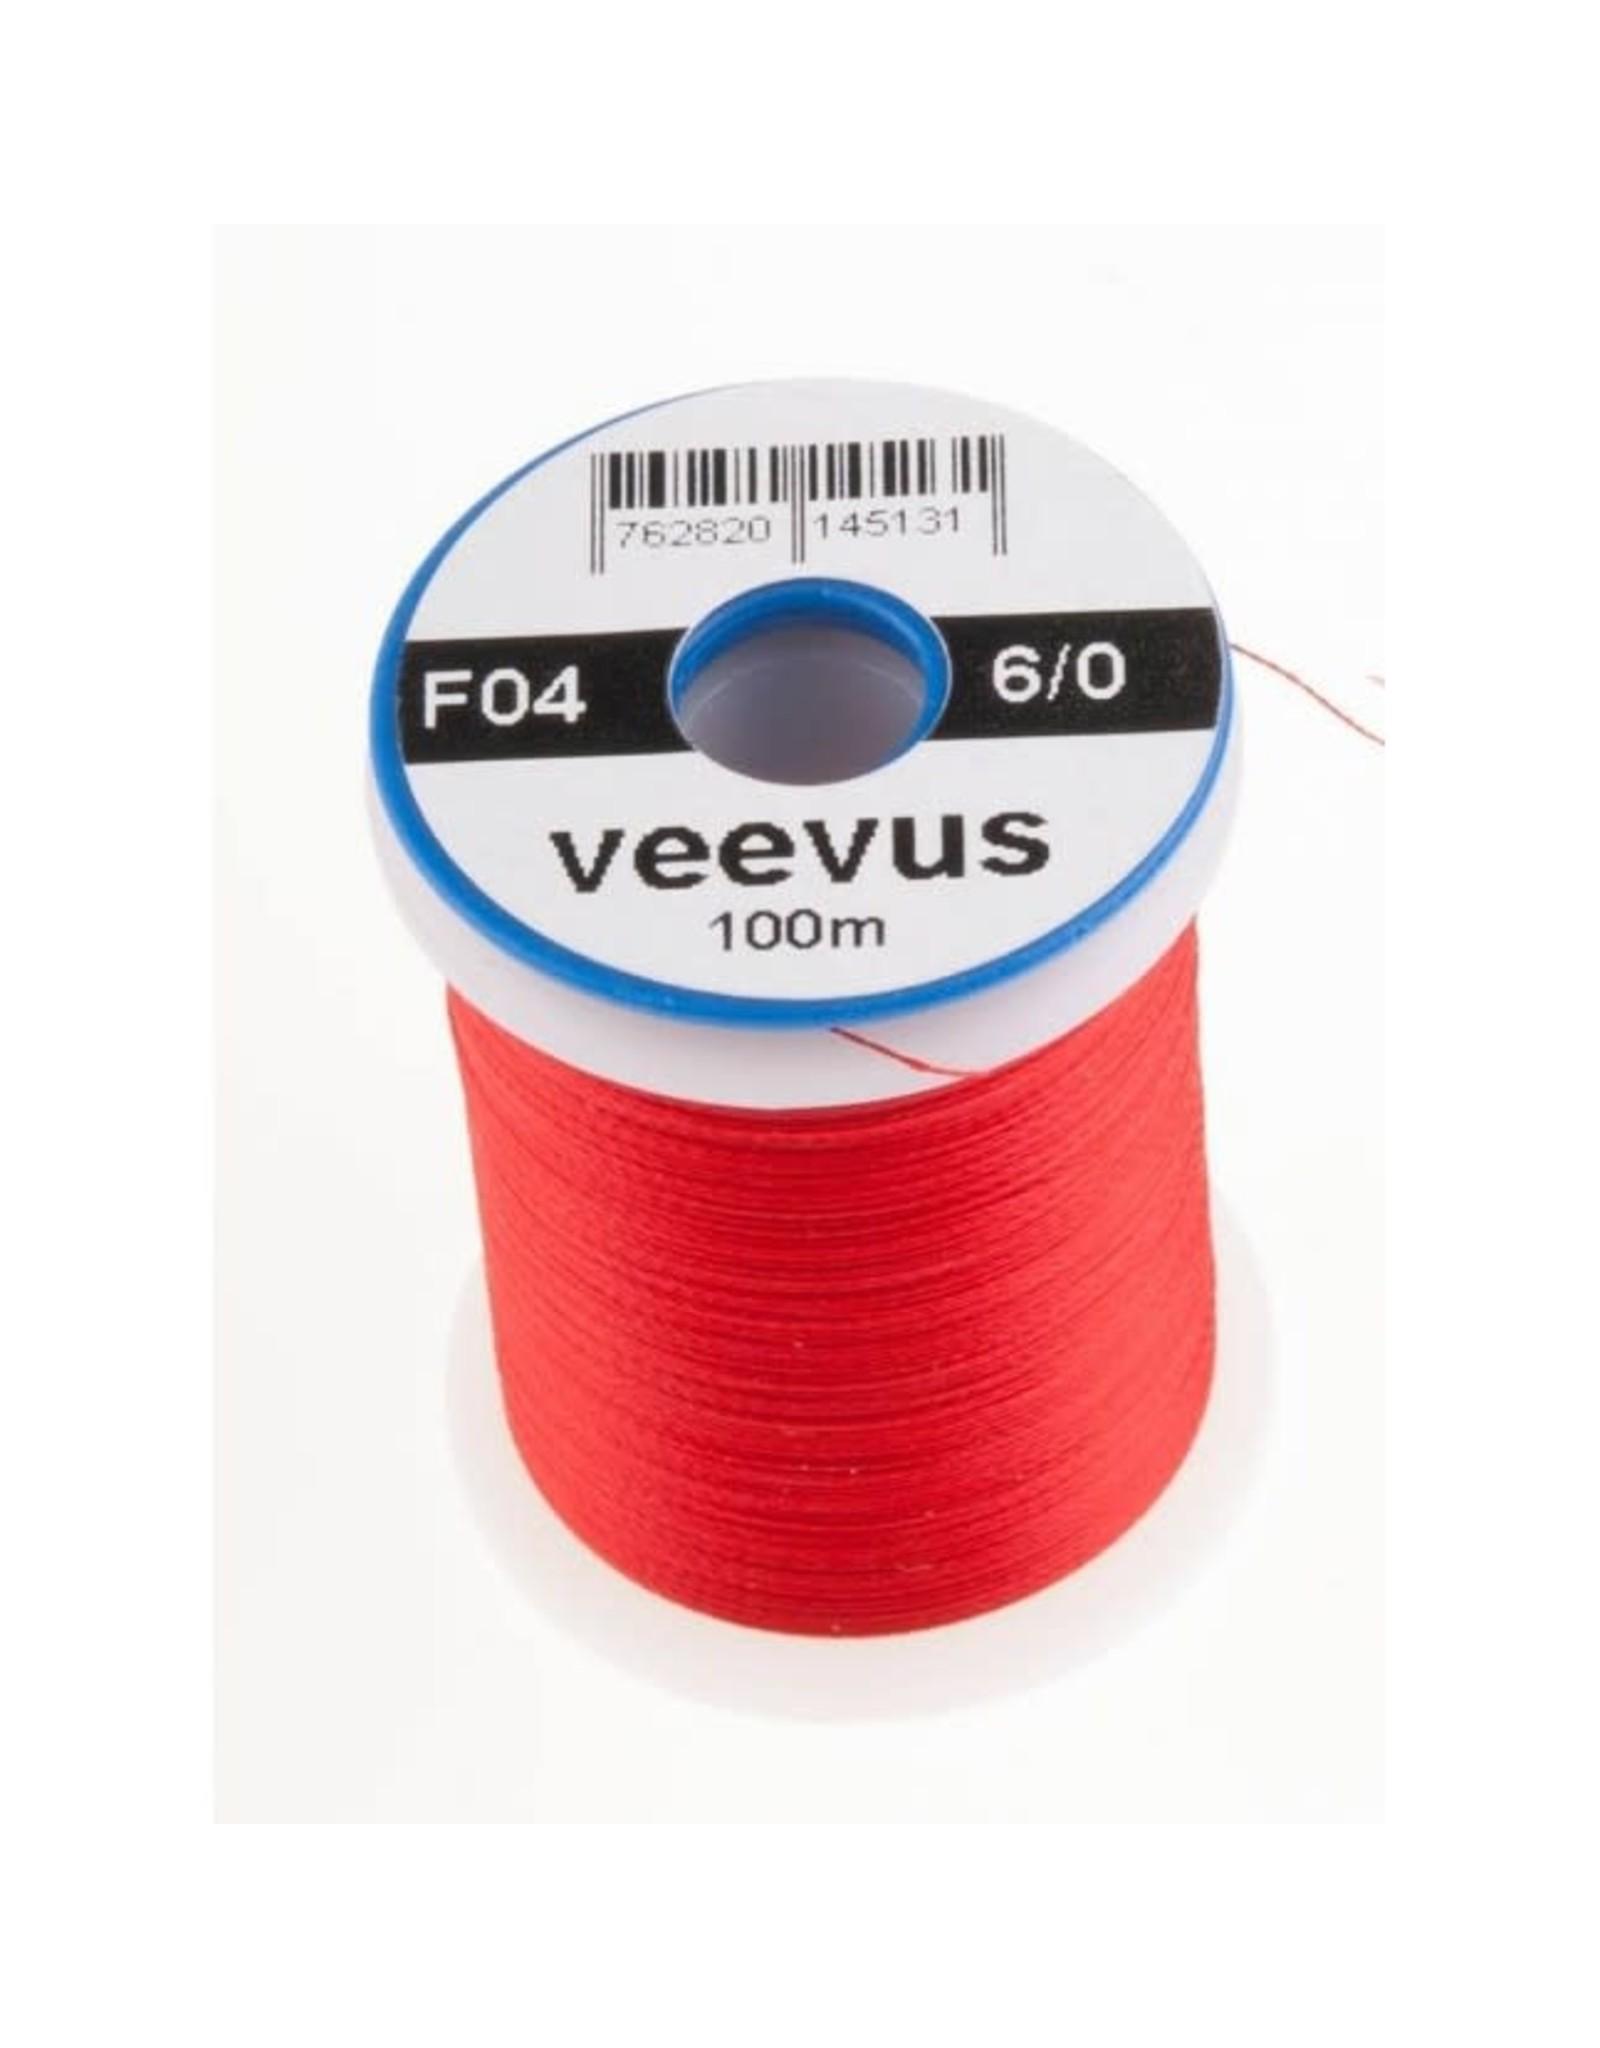 Veevus 6/0 Red Veevus Thread